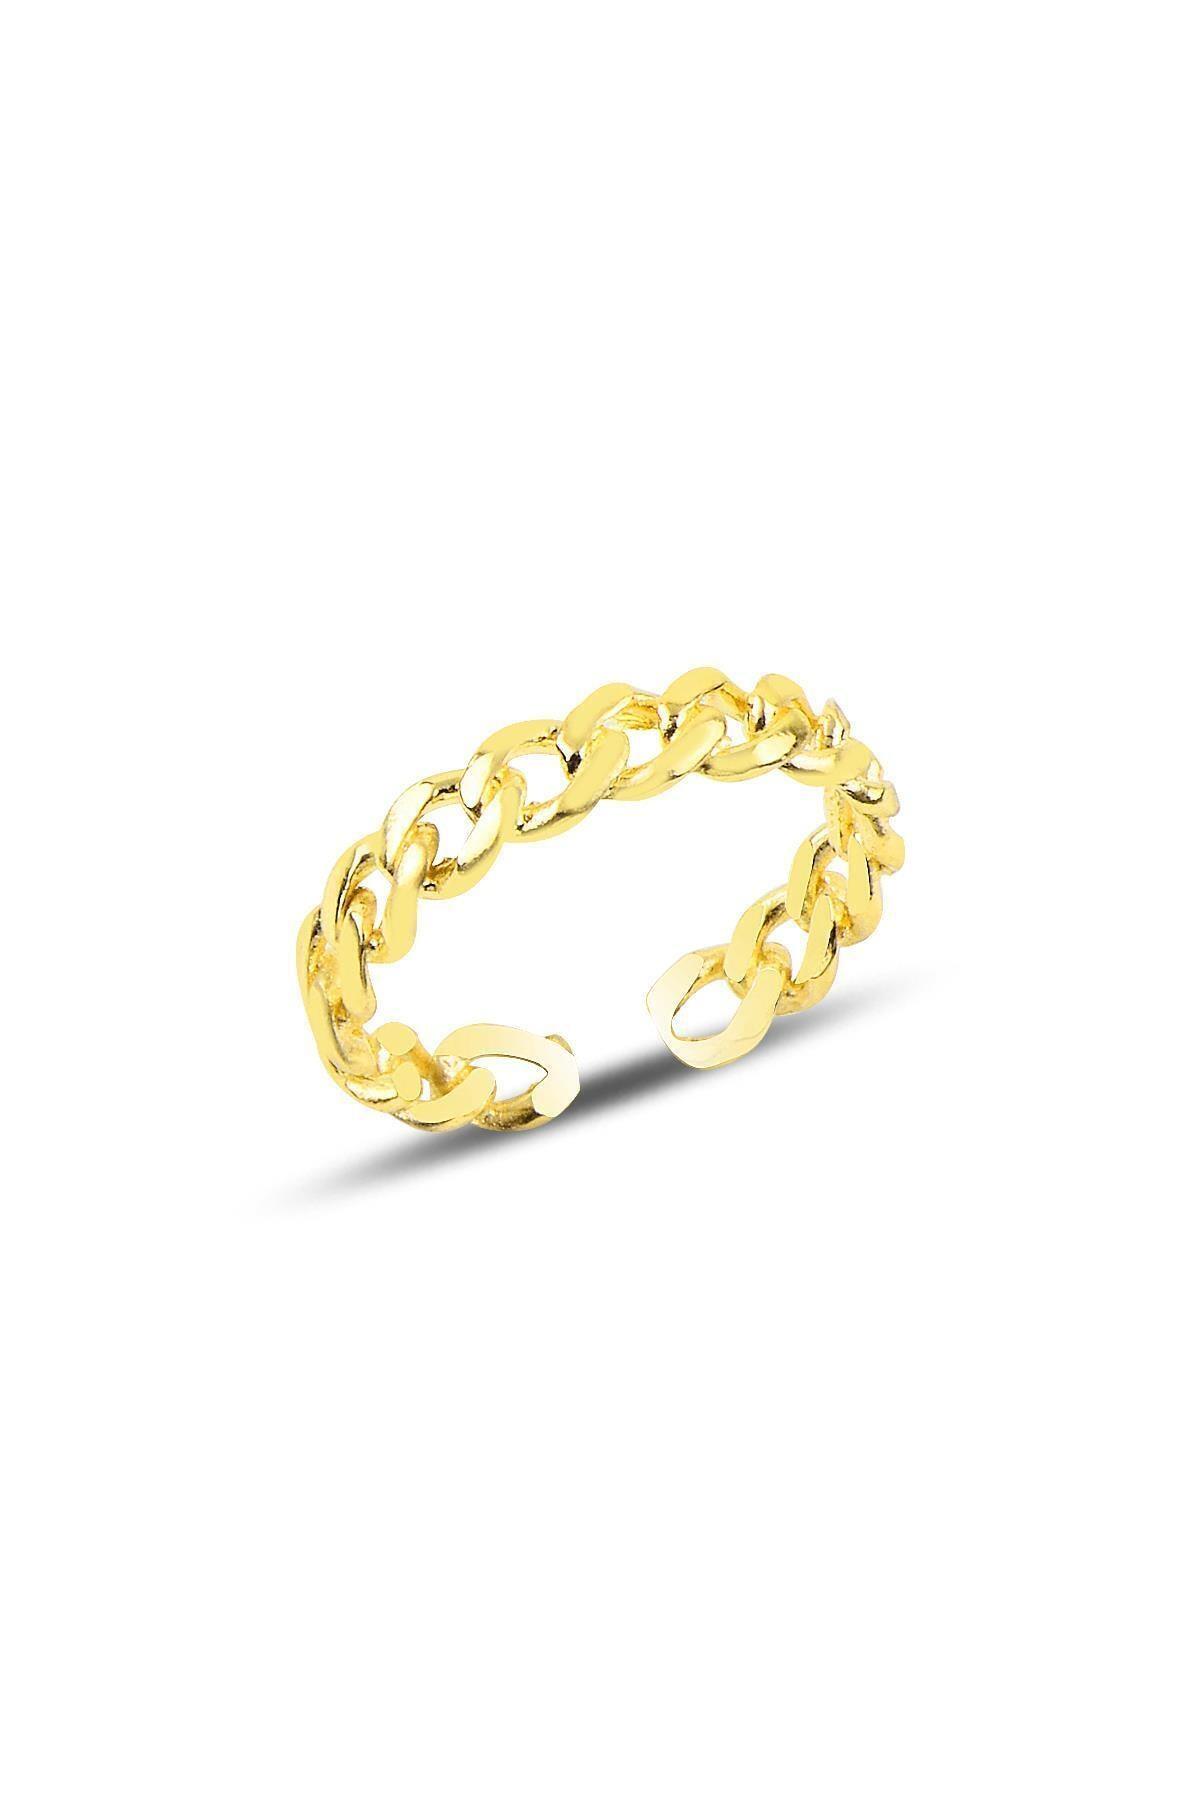 خرید نقدی انگشتر زنانه  برند Söğütlü Silver رنگ طلایی ty32212717